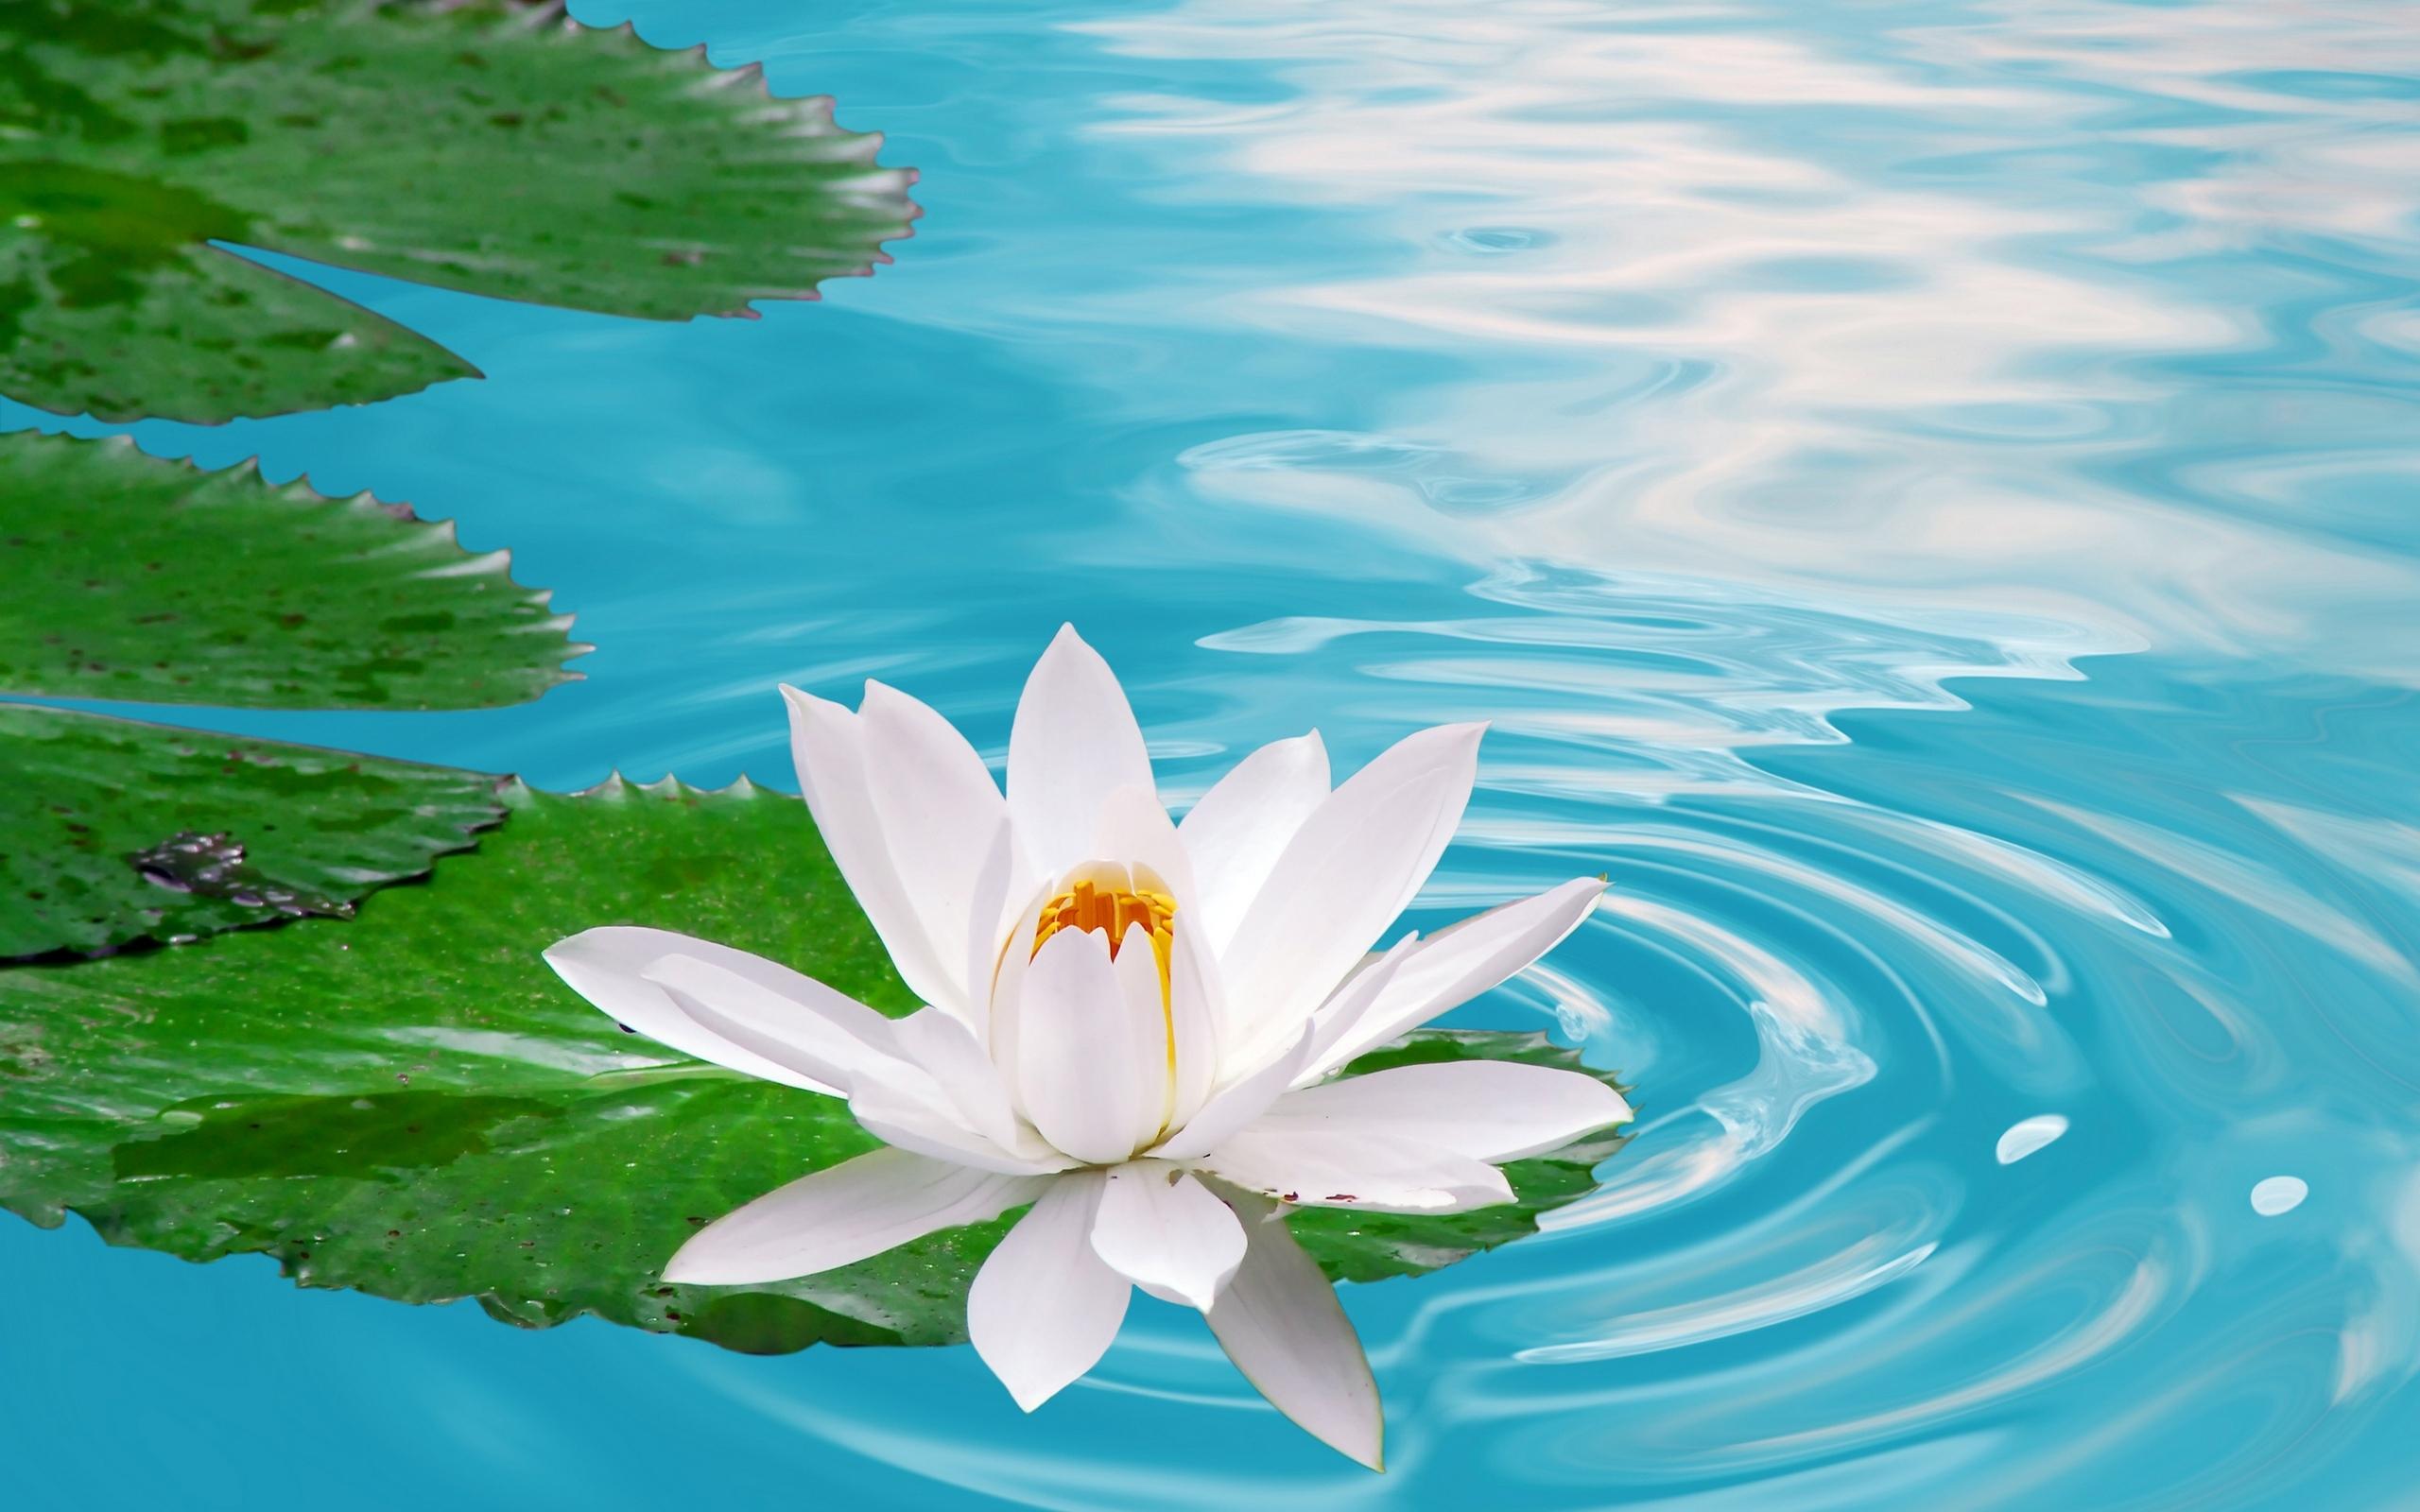 2560x1600px Lotus Flowers Wallpaper Wallpapersafari